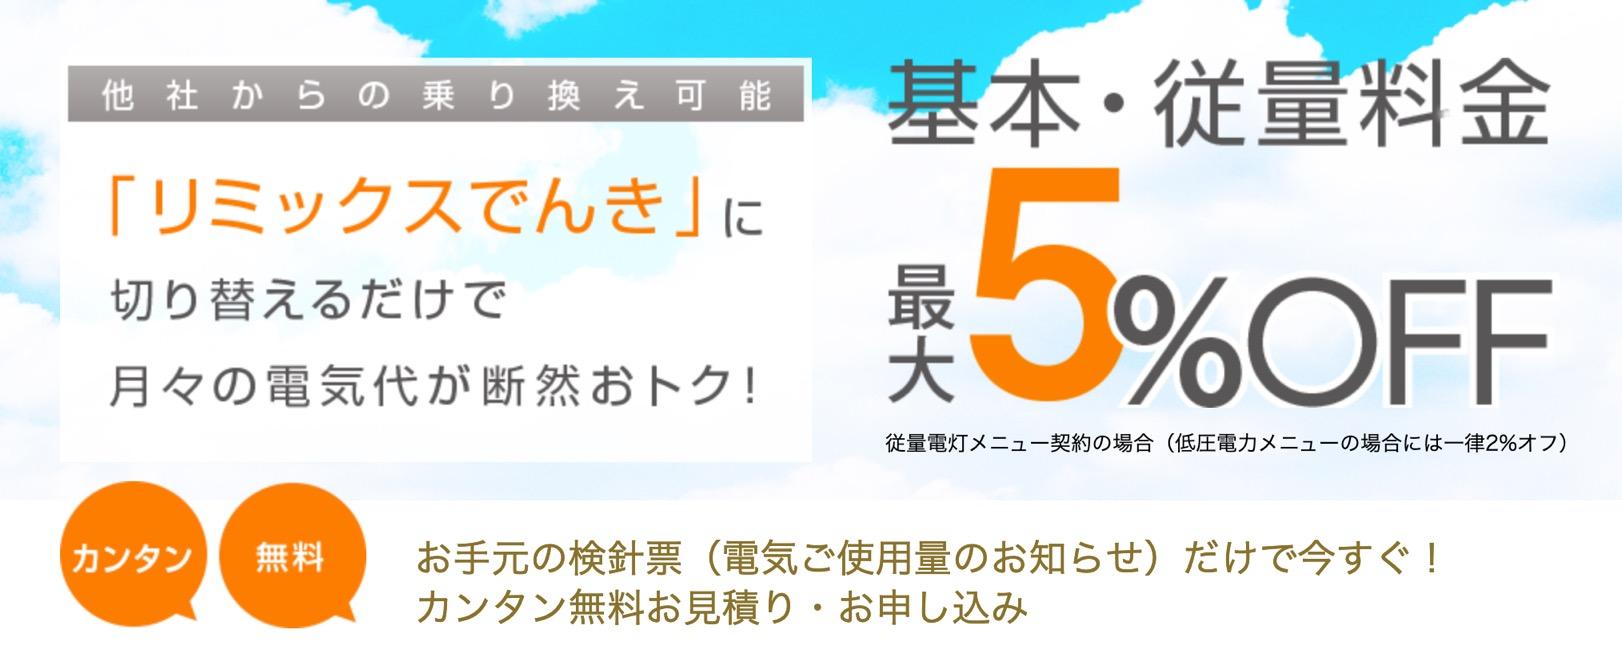 【リミックスでんき】電力自由化はポイントサイト経由がお得!切り替えで10,000円相当のポイント還元!